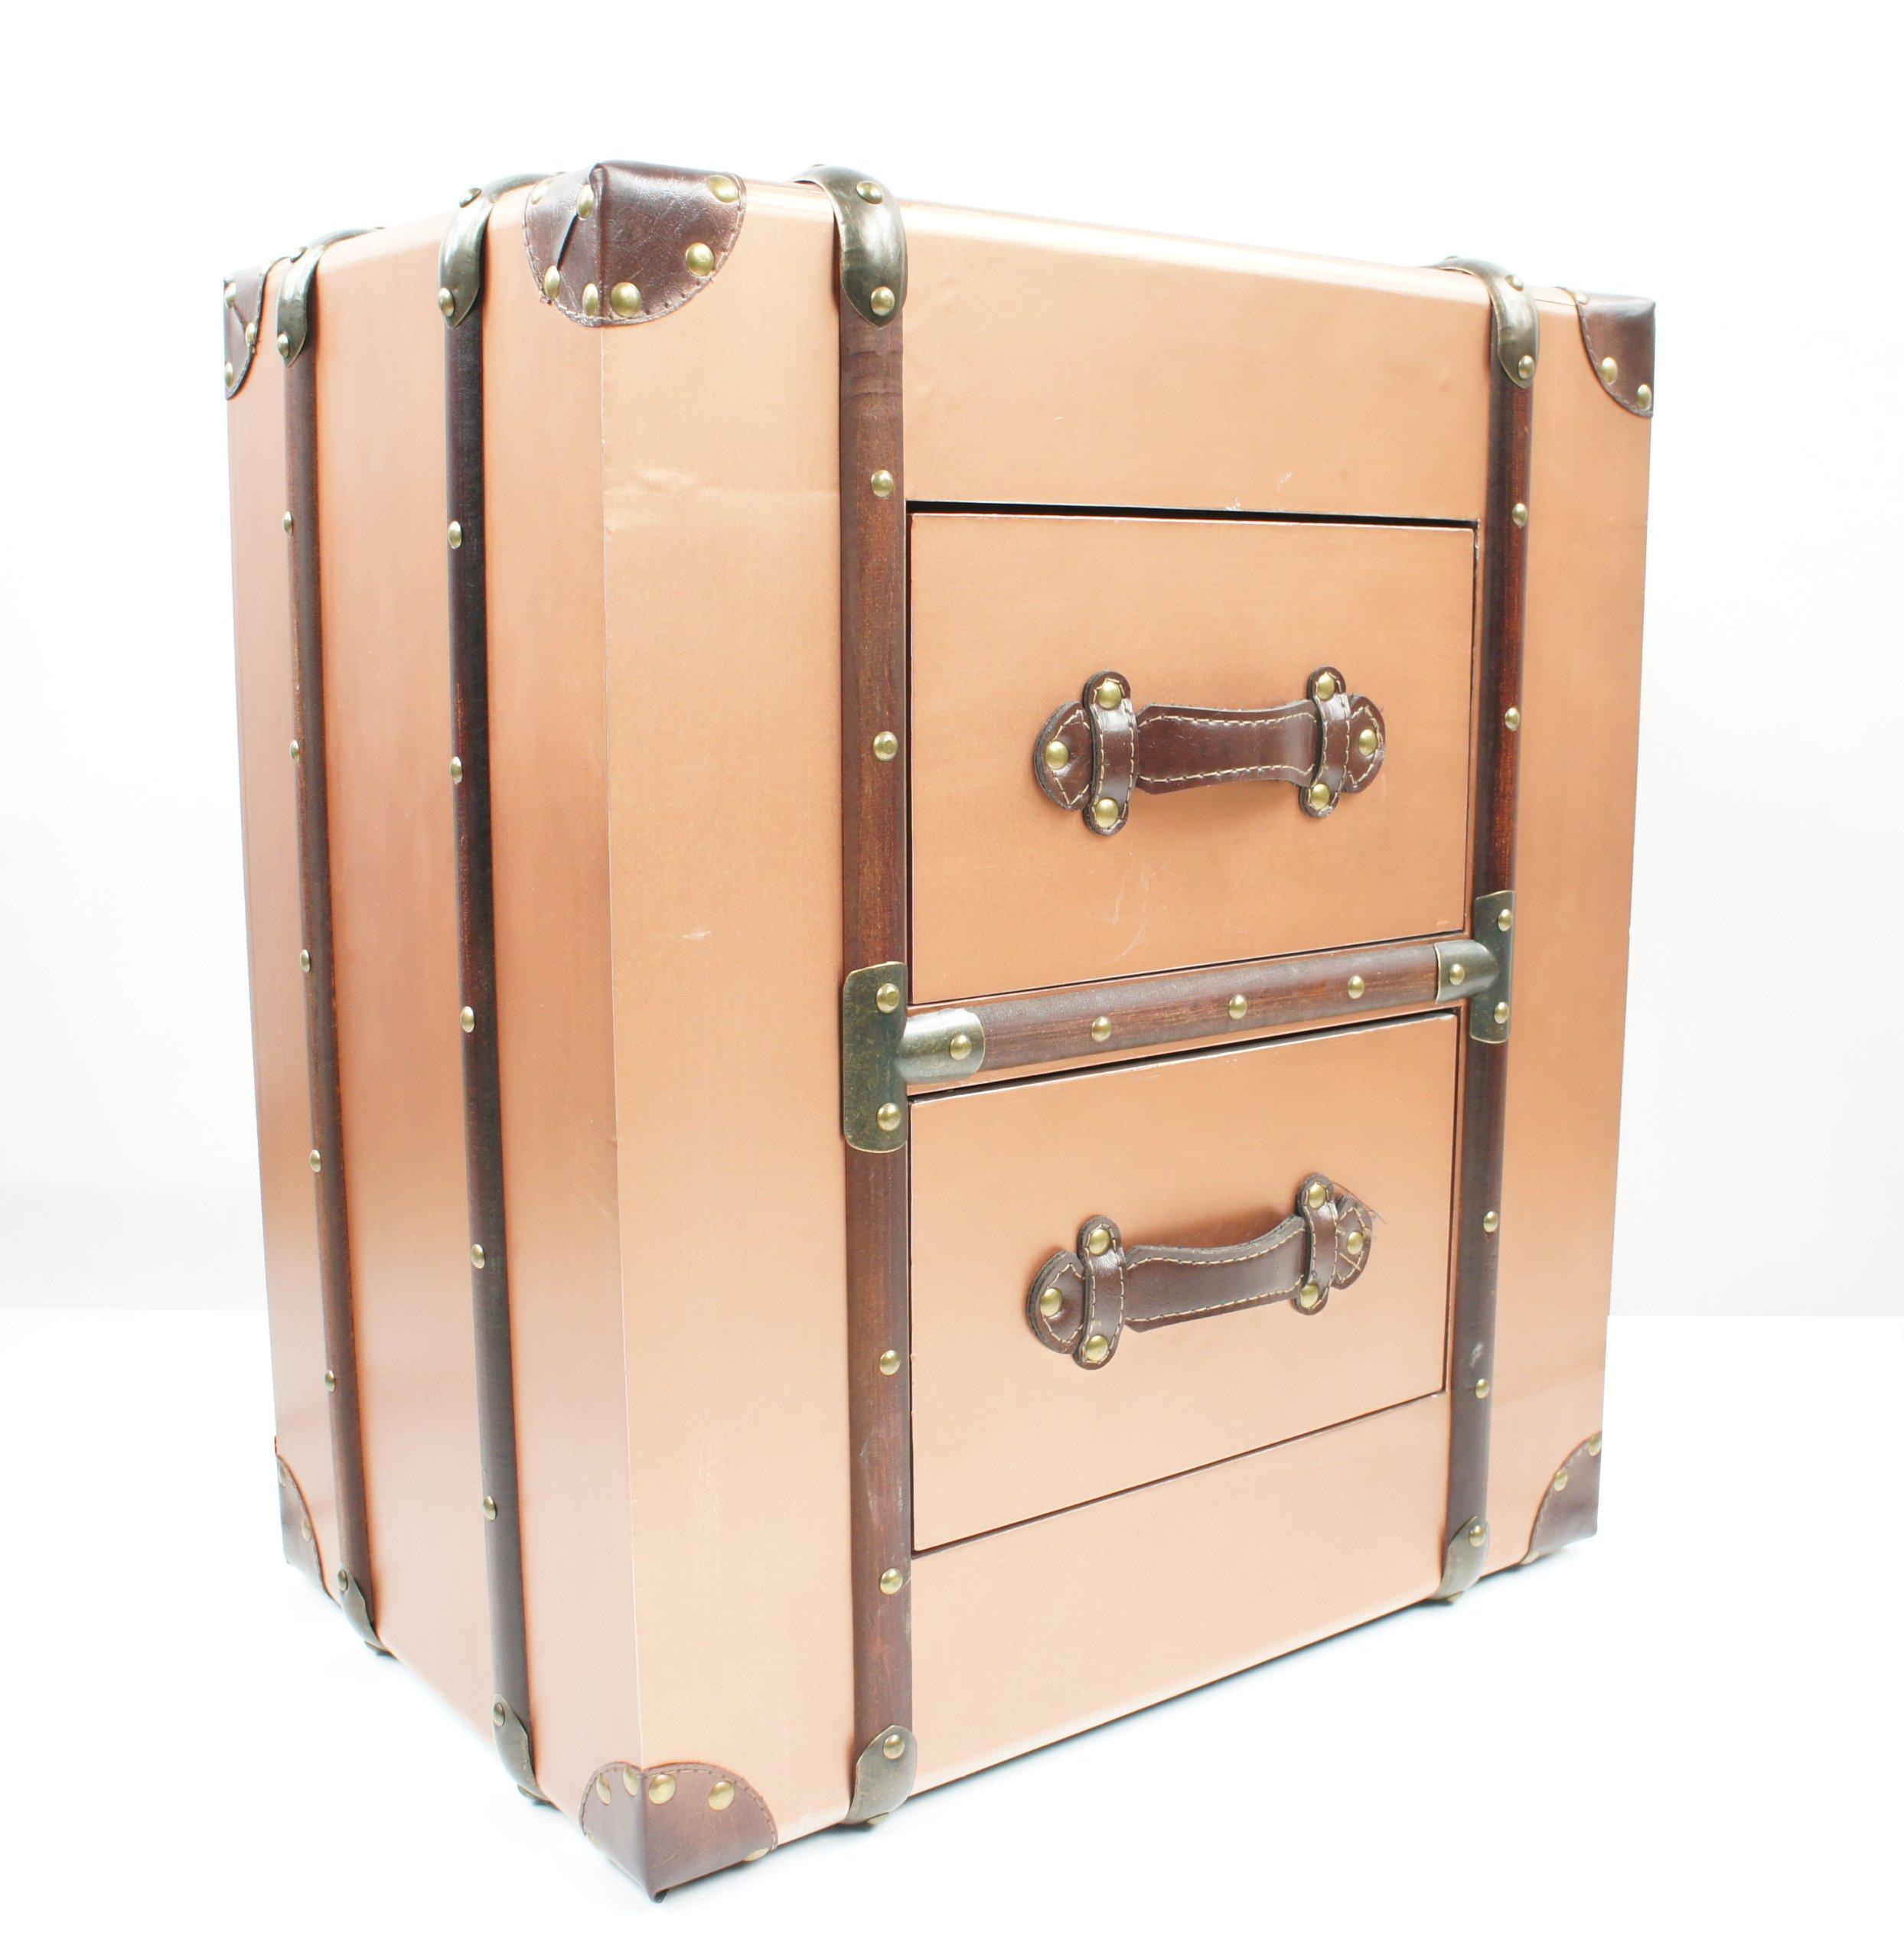 Hrudník Box so zásuvkami RETRO -20%